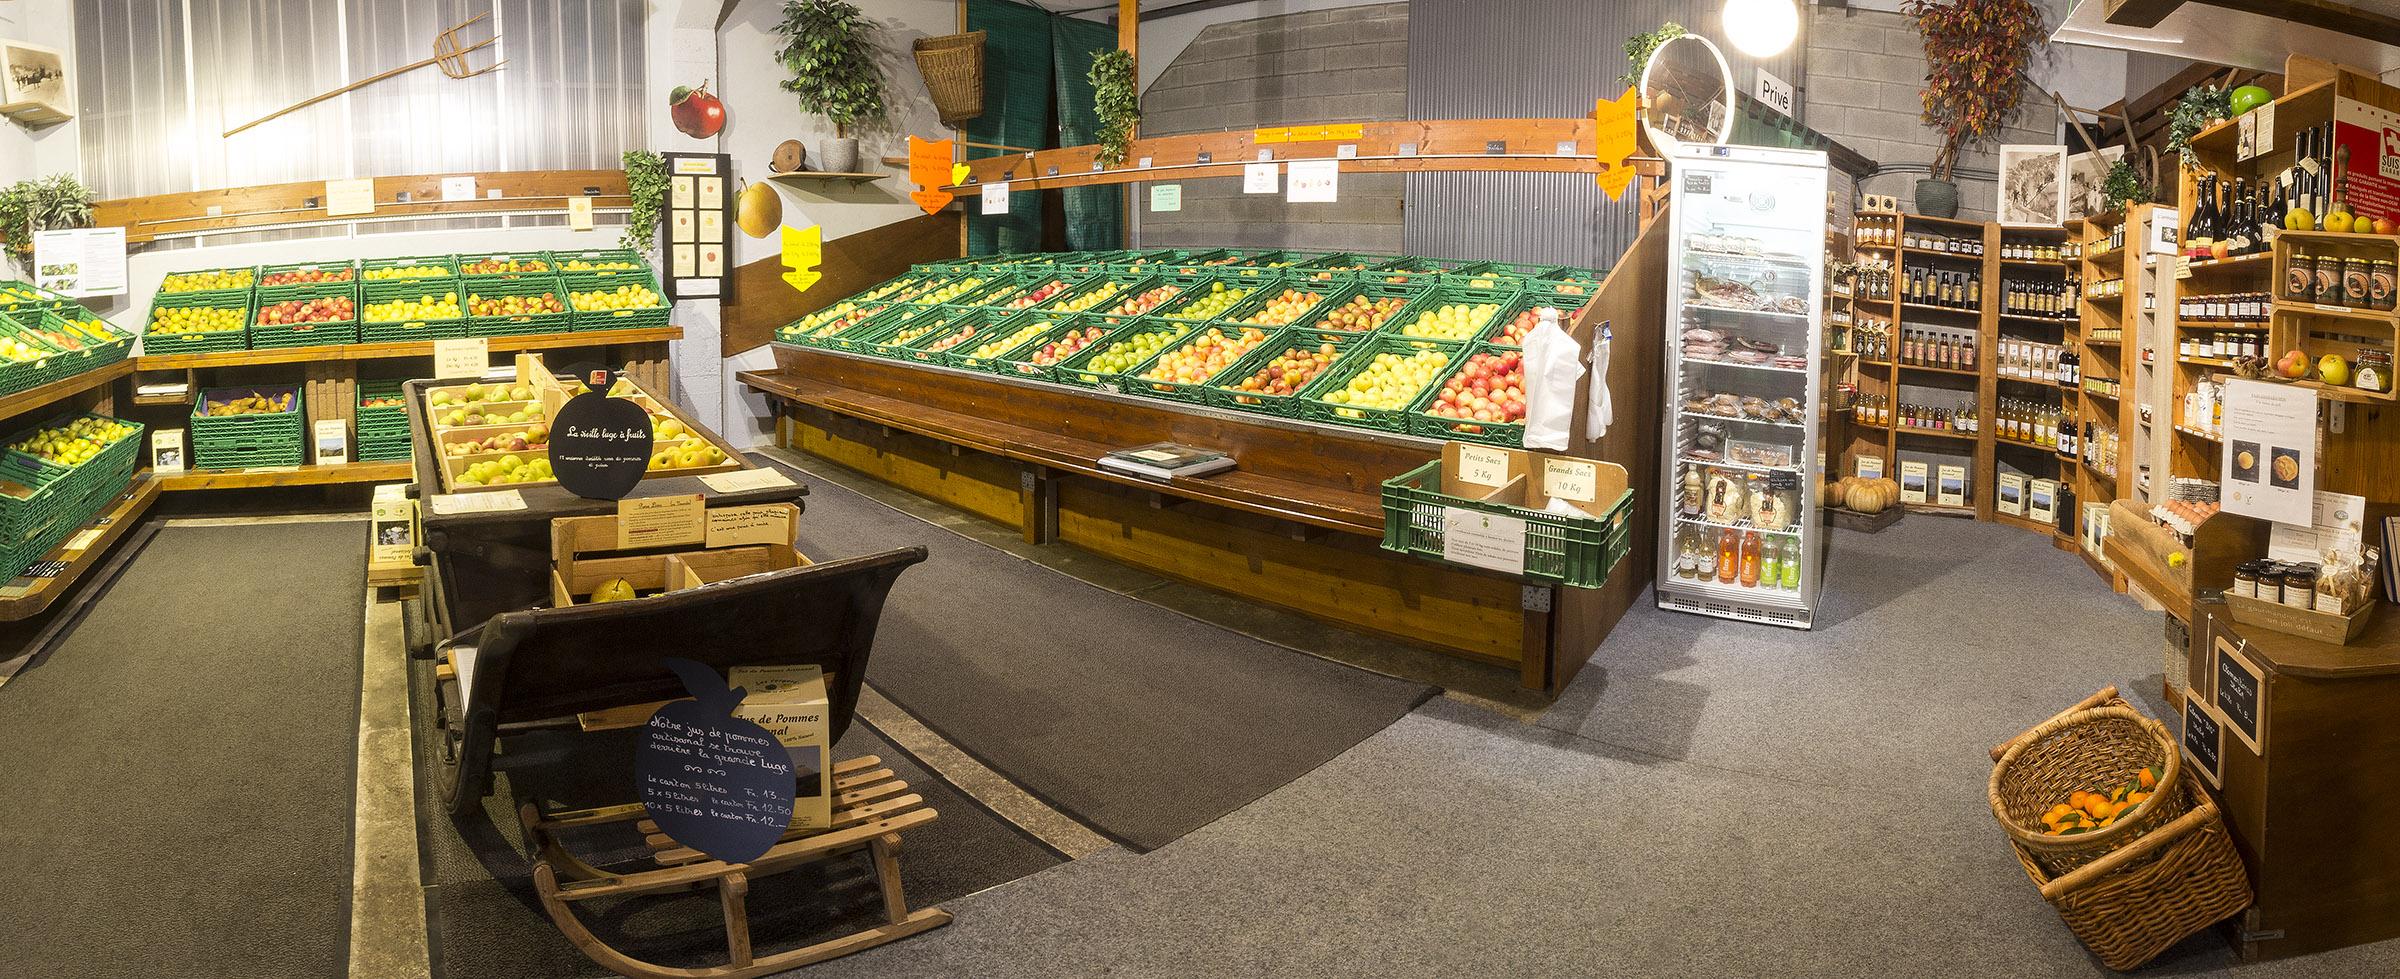 marché à la ferme, vision panoramique du magasin